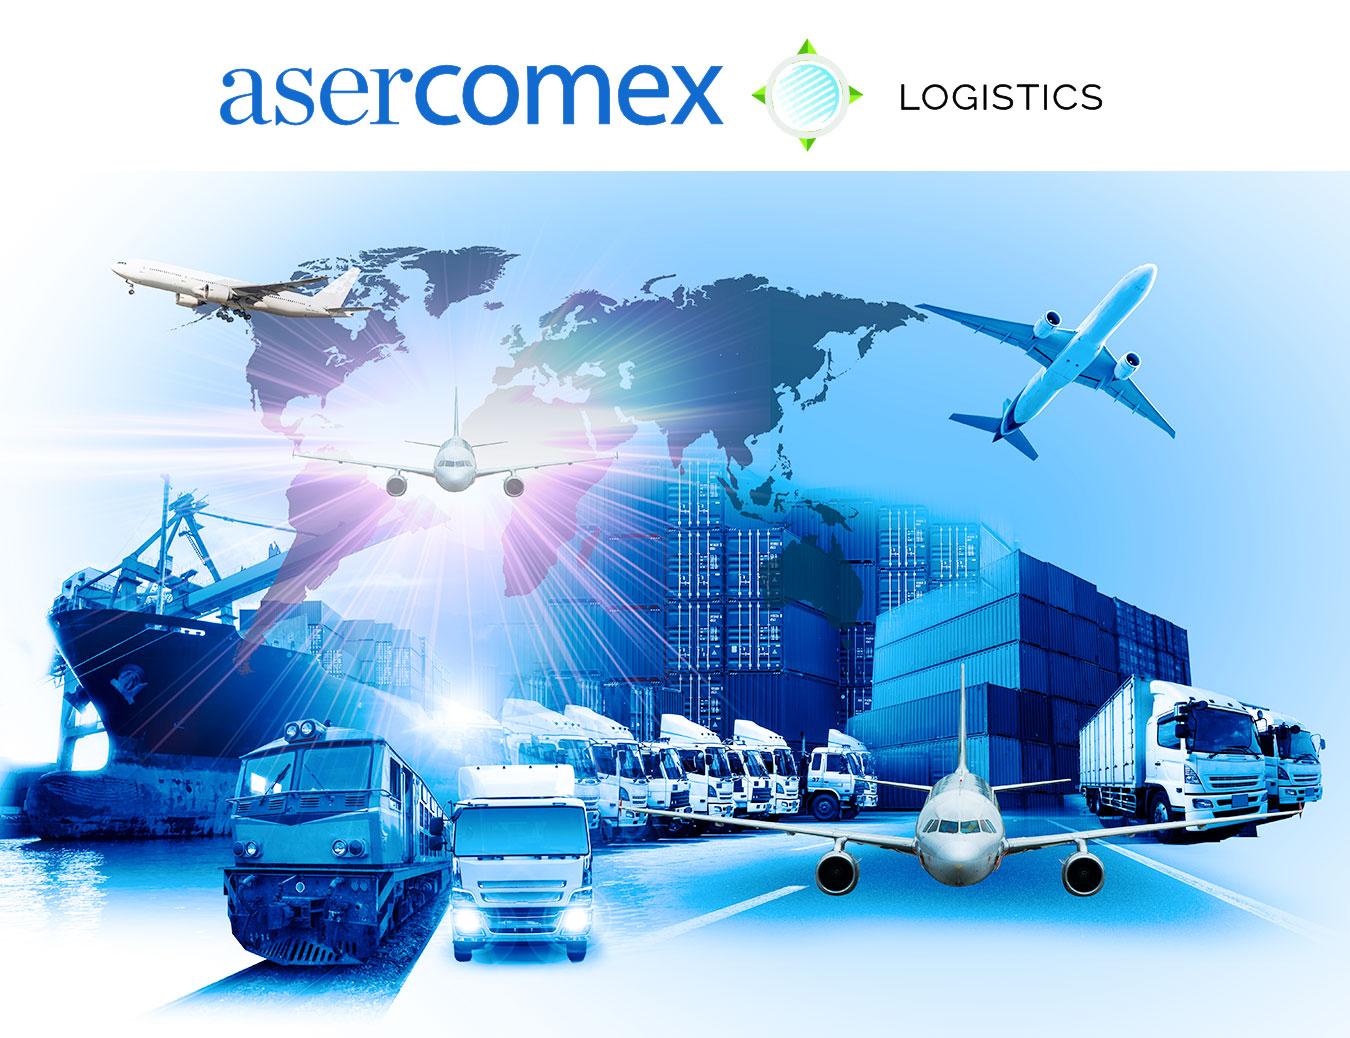 asercomex-logistics